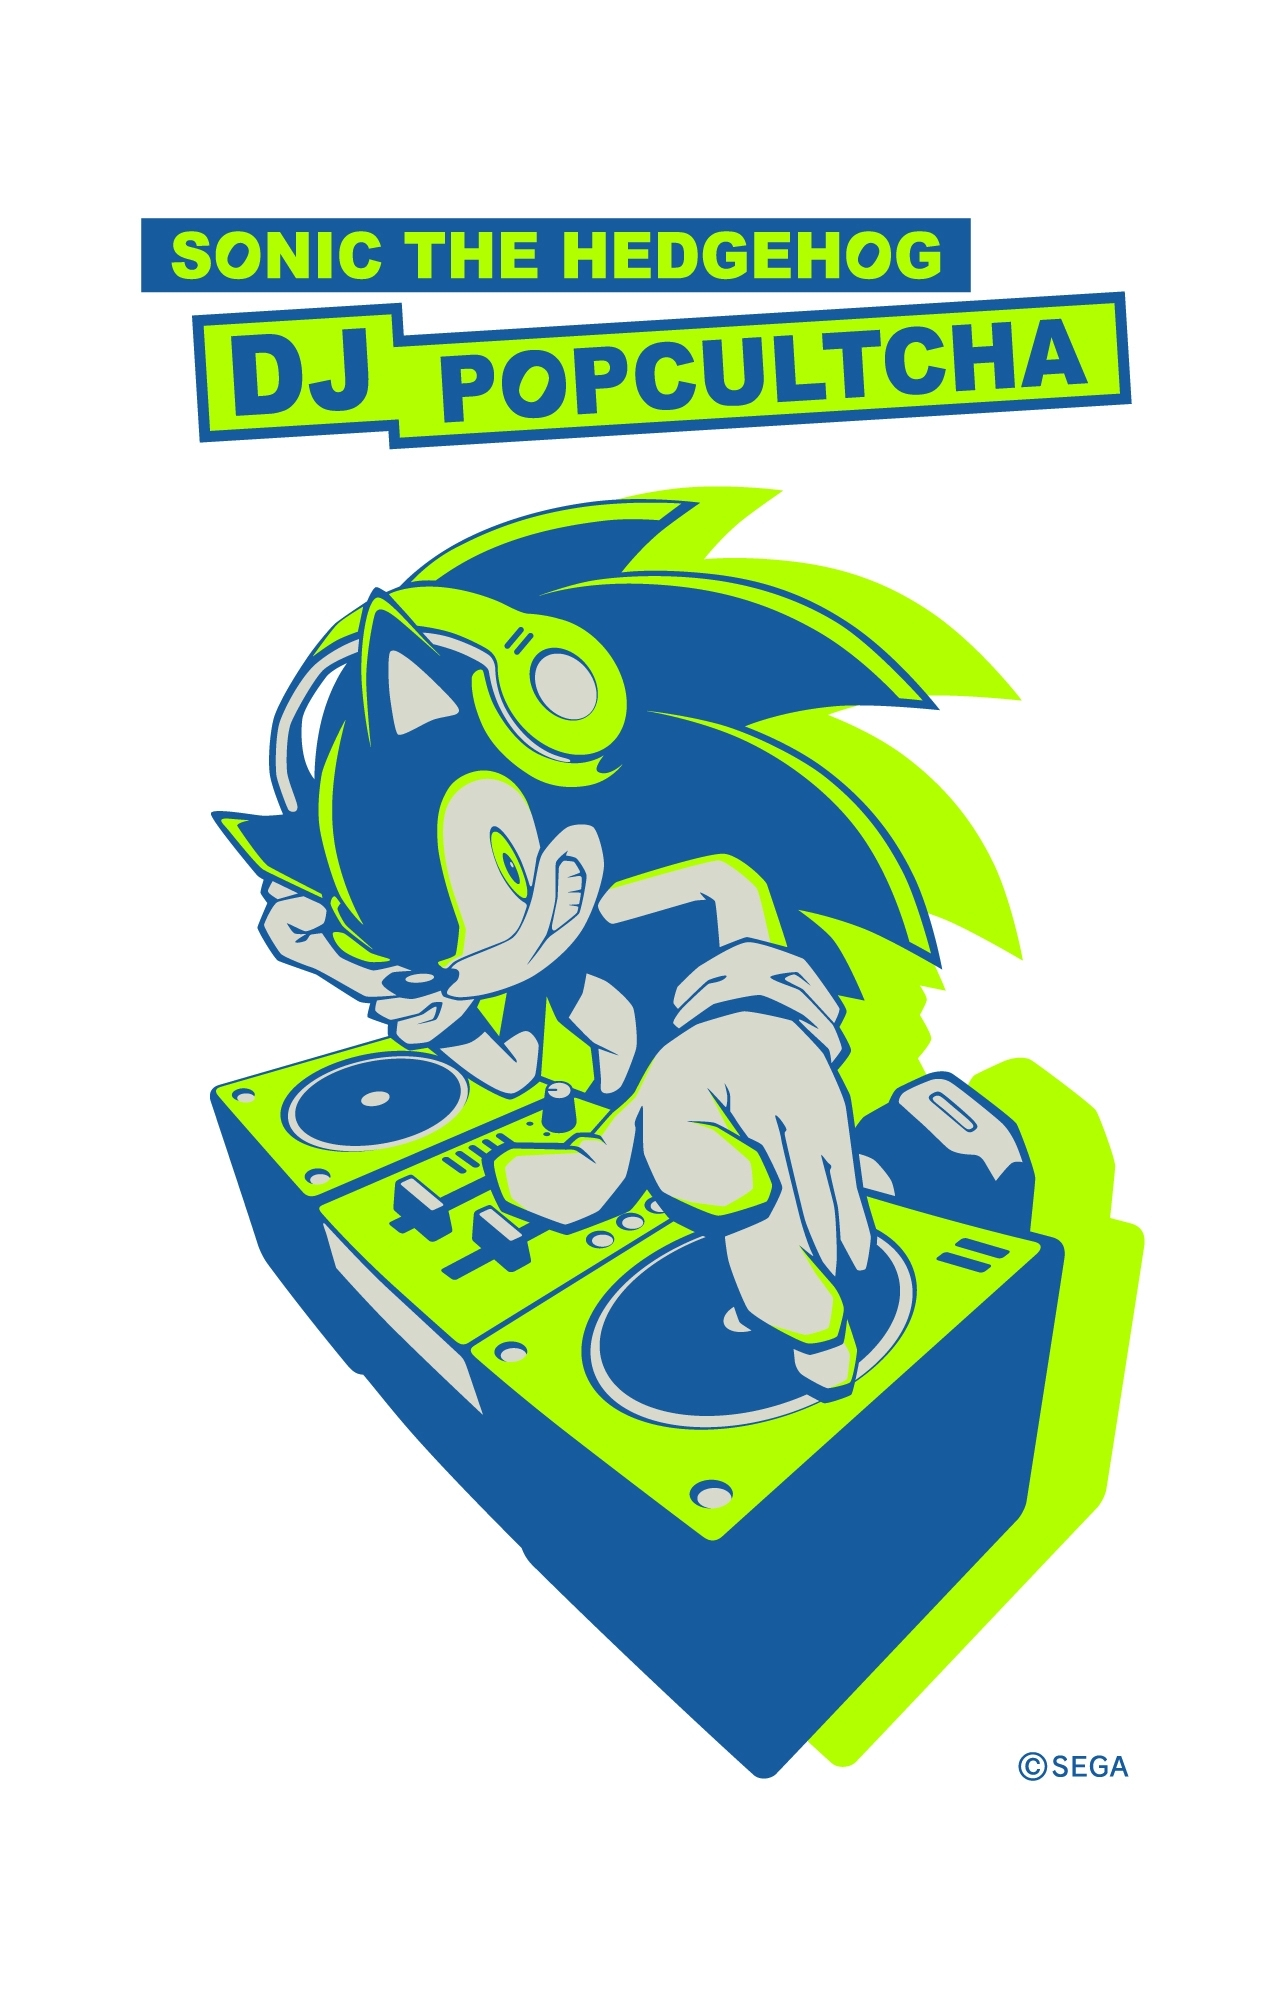 『SONIC THE HEDGEHOG DJ POPCULTCHA(ポップカルチャ)』 (C)SEGA